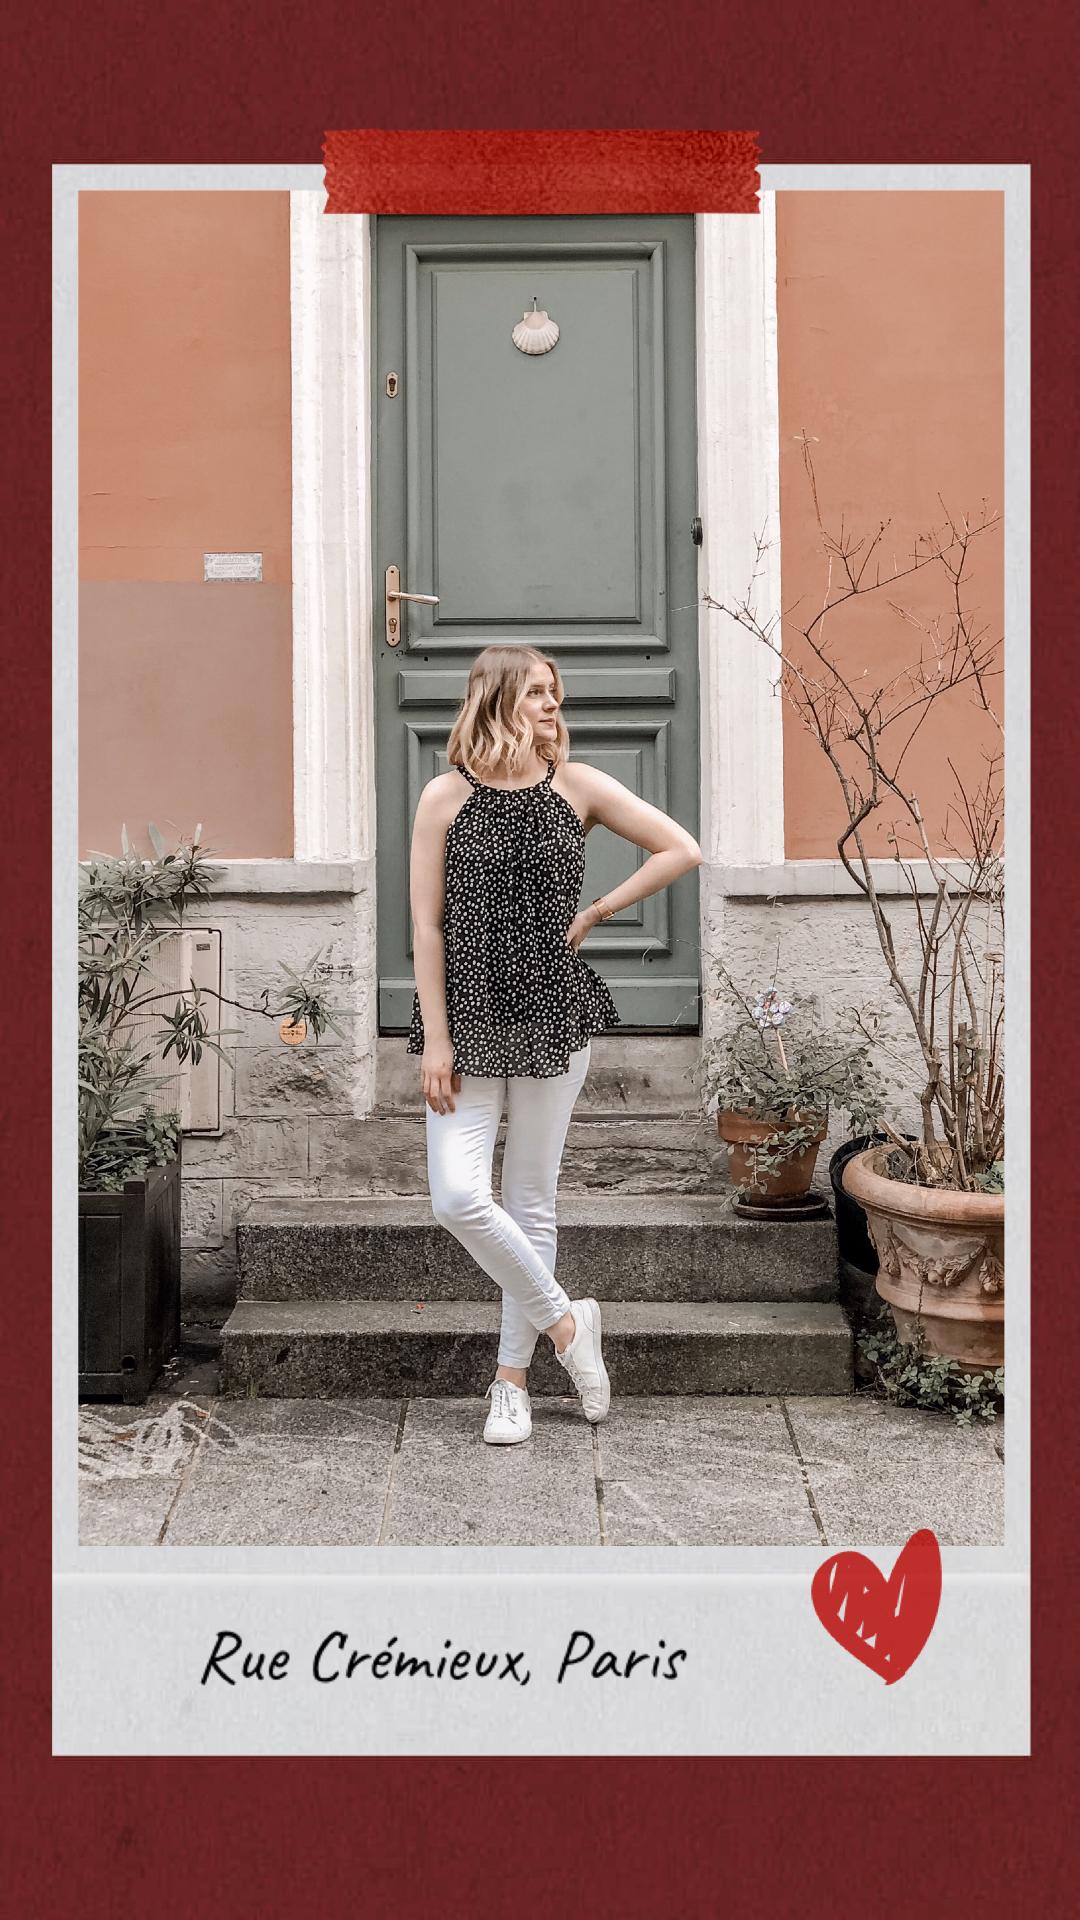 créer des stories instagram créatives avec inStory - mangue-poudree.fr - blog mode et lifestyle à reims paris influenceuse